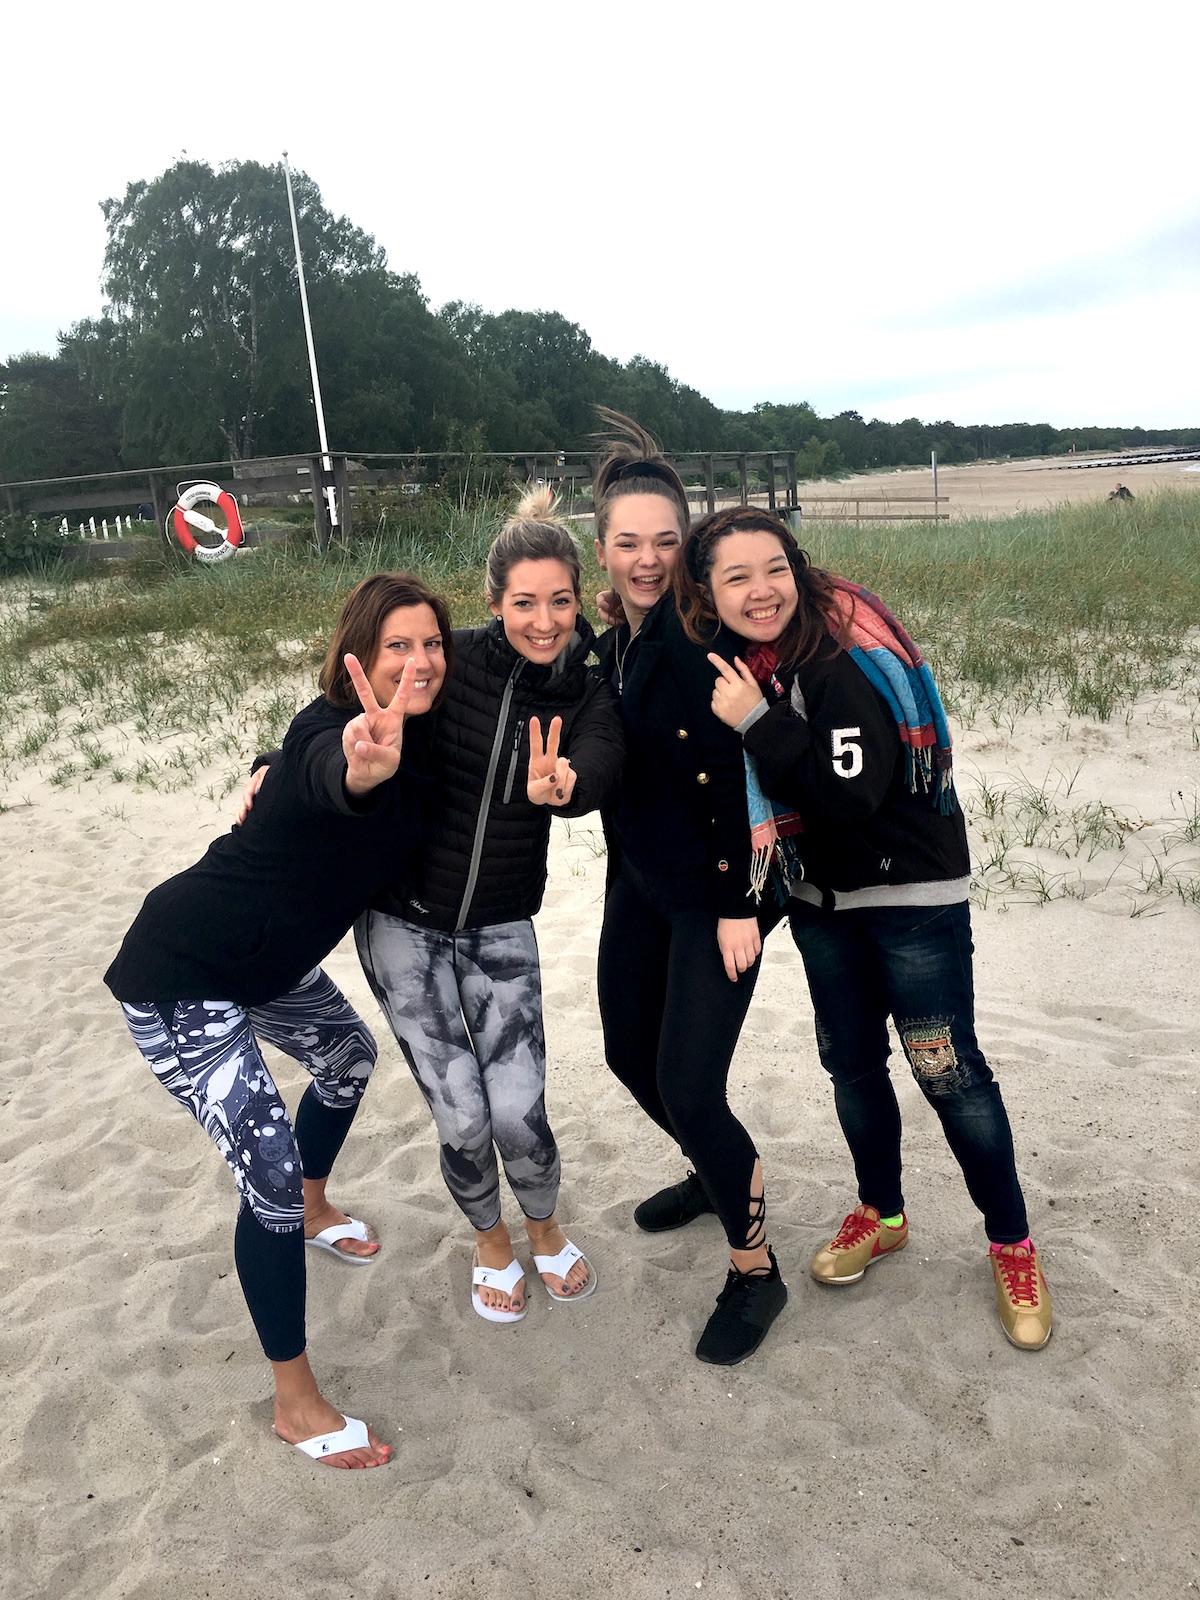 Hudoteketbrudar på stranden